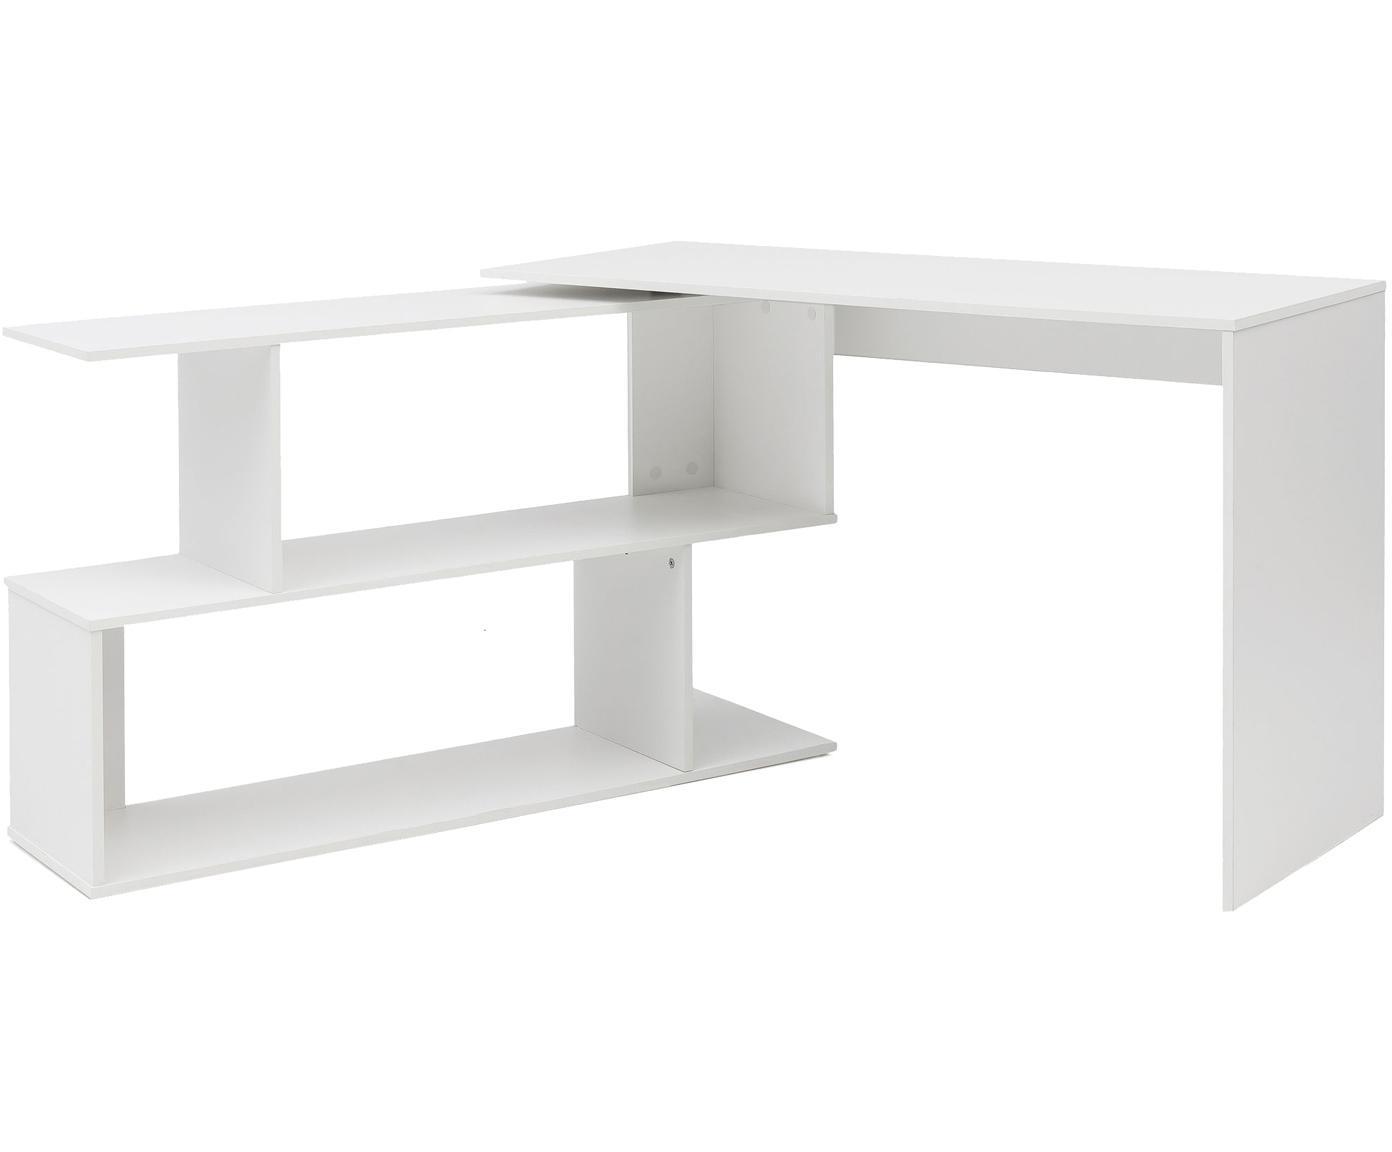 Schreibtisch Lemina, Spanplatte, Weiß, matt, B 119 x T 49 cm